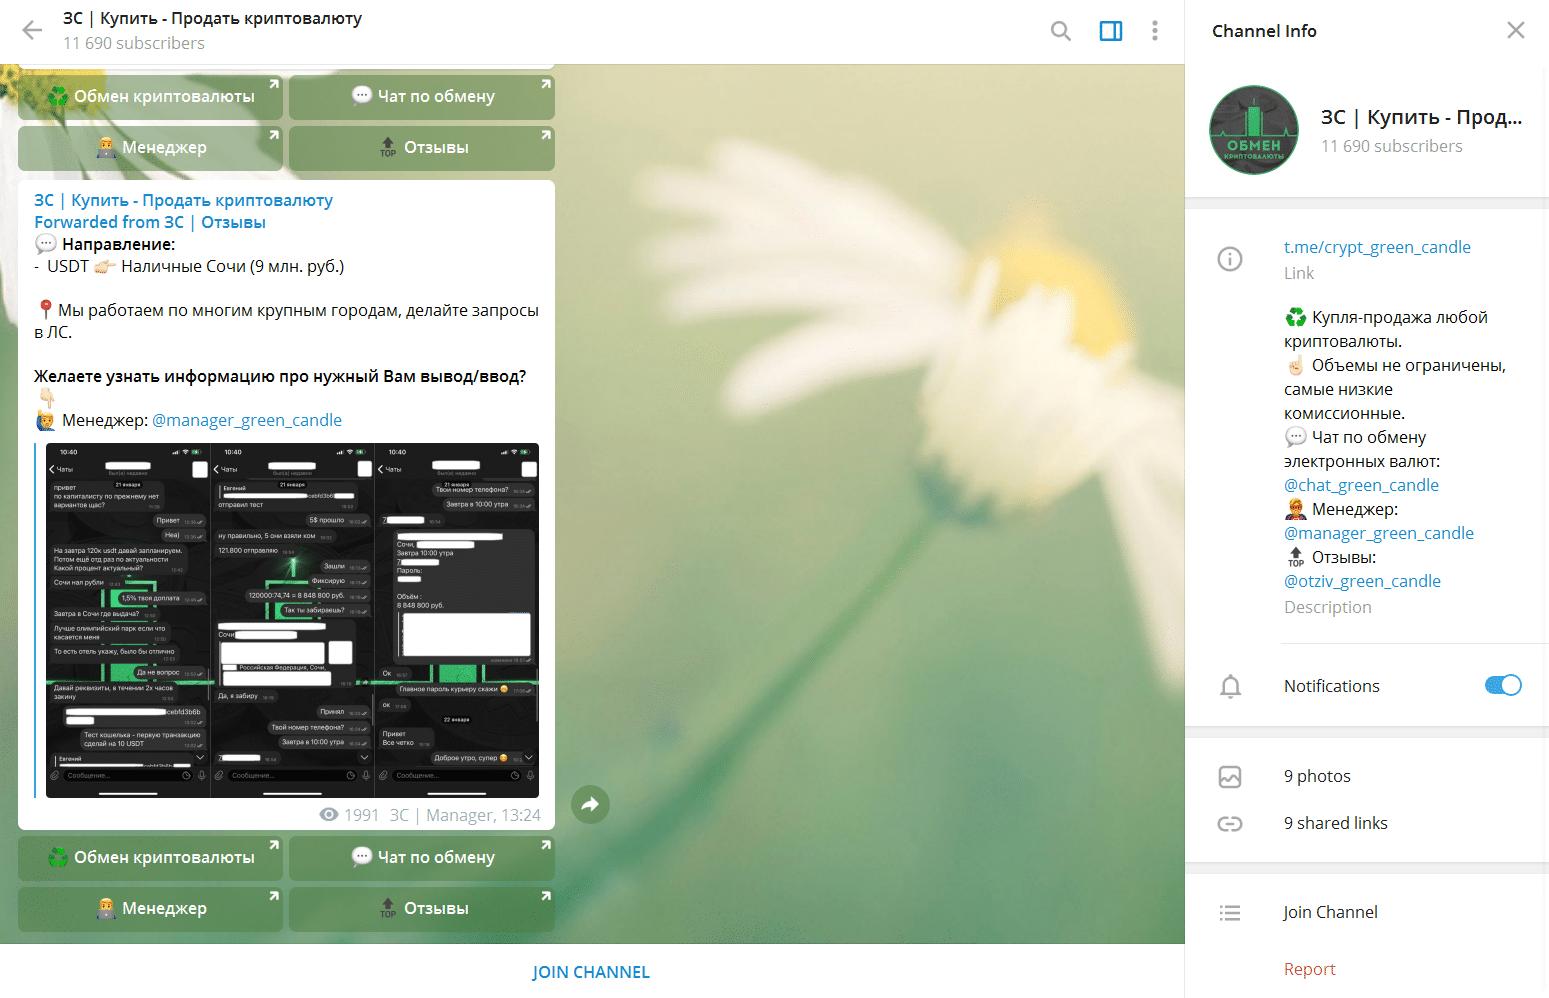 """Телеграм-канал обменника """"Зеленая свеча"""""""